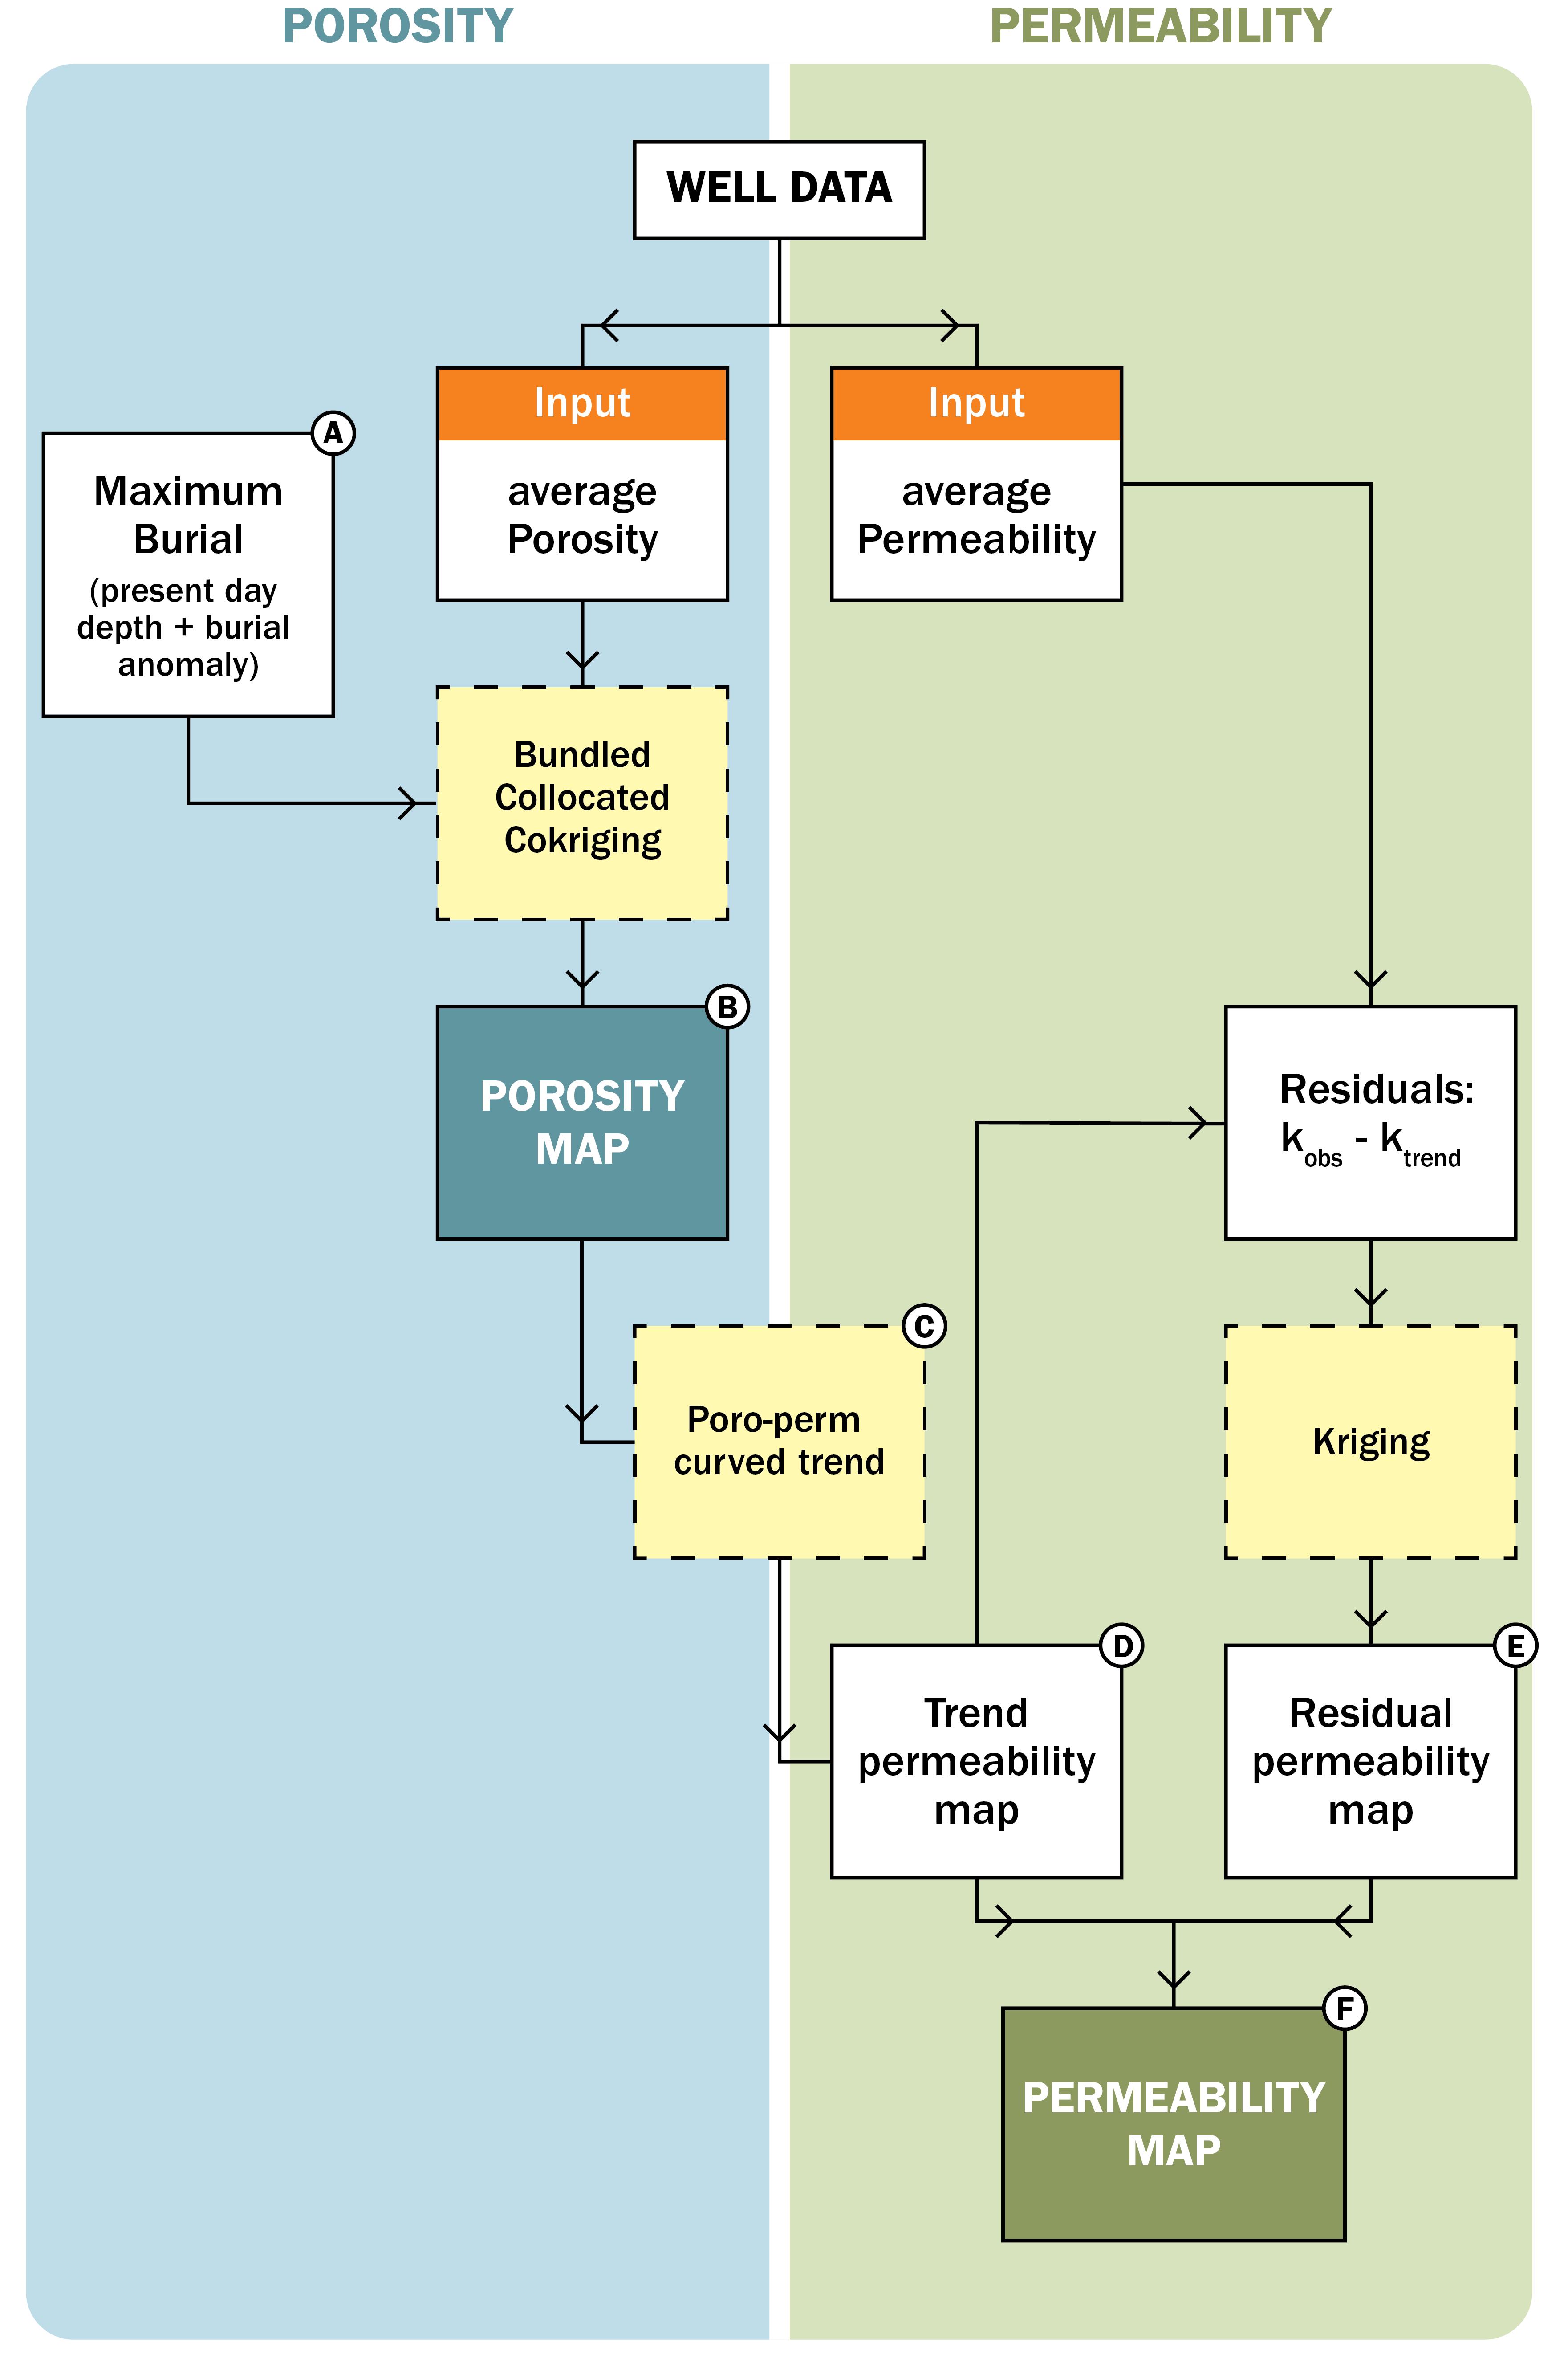 aquifer-eigenschappen workflow